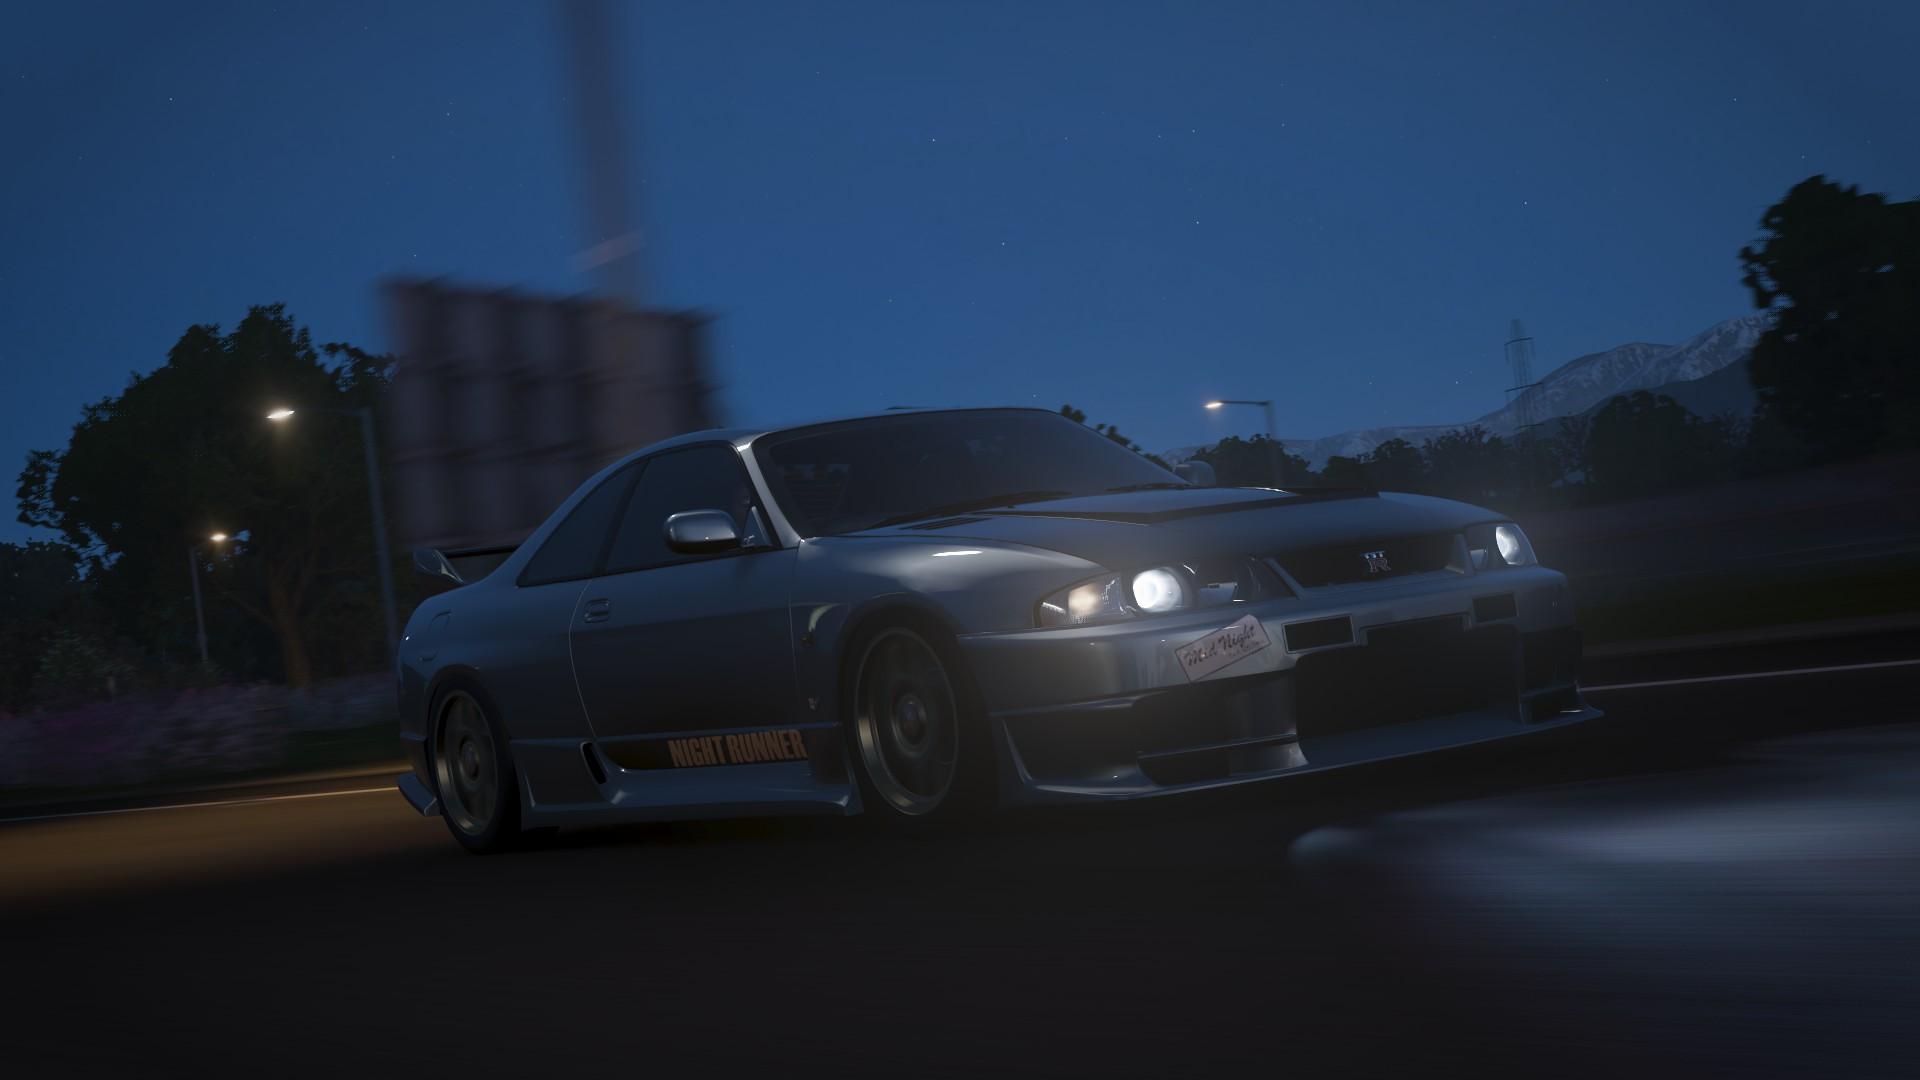 Japanese Cars Forza Horizon 4 Night Night Runner 1920x1080